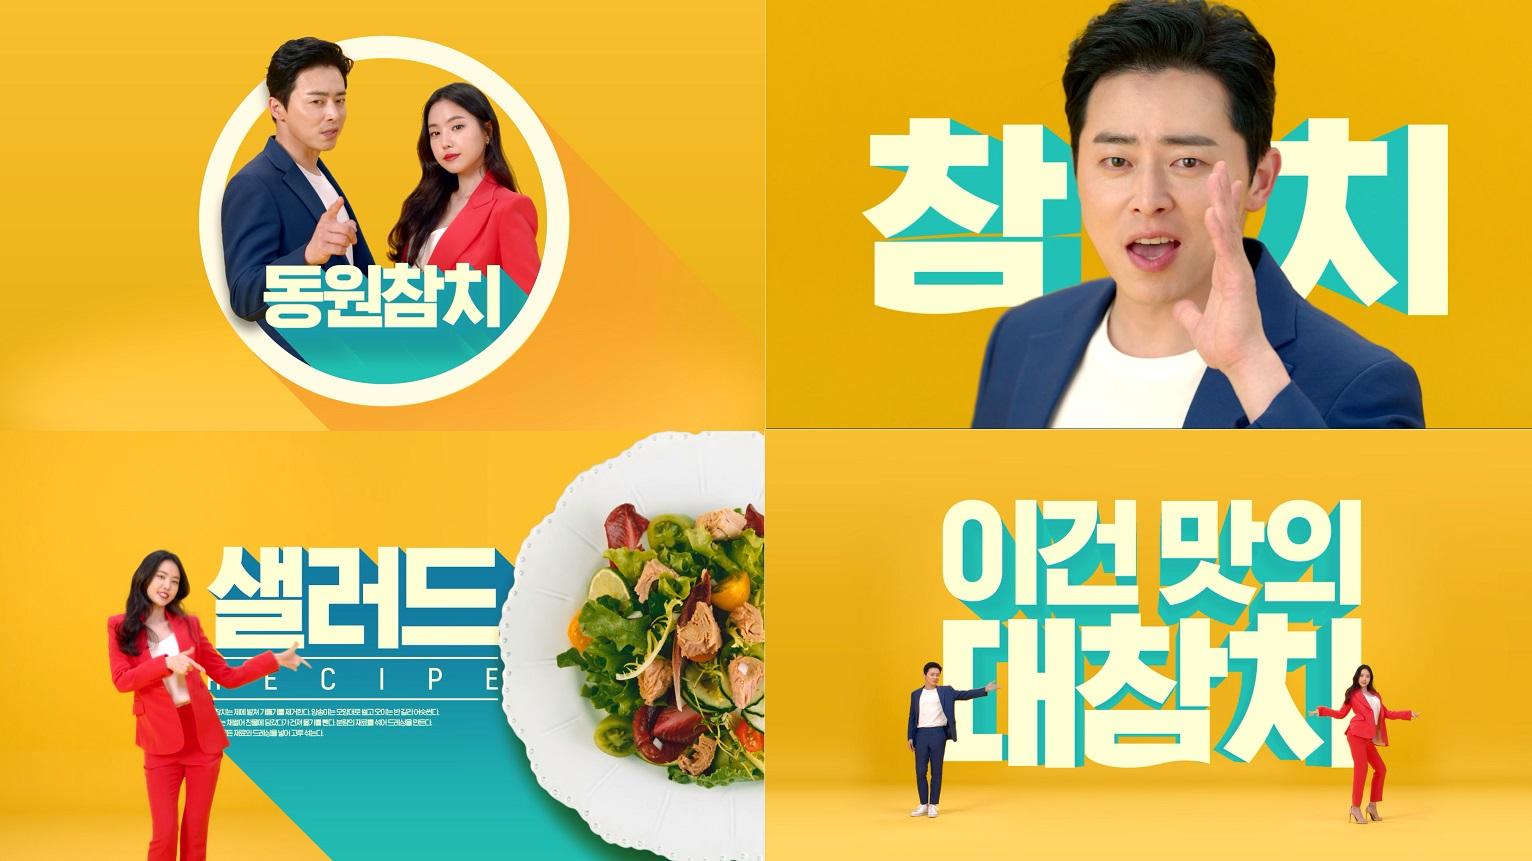 동원참치CF, 2019 대한민국광고대상 오디오 부문 금상 수상